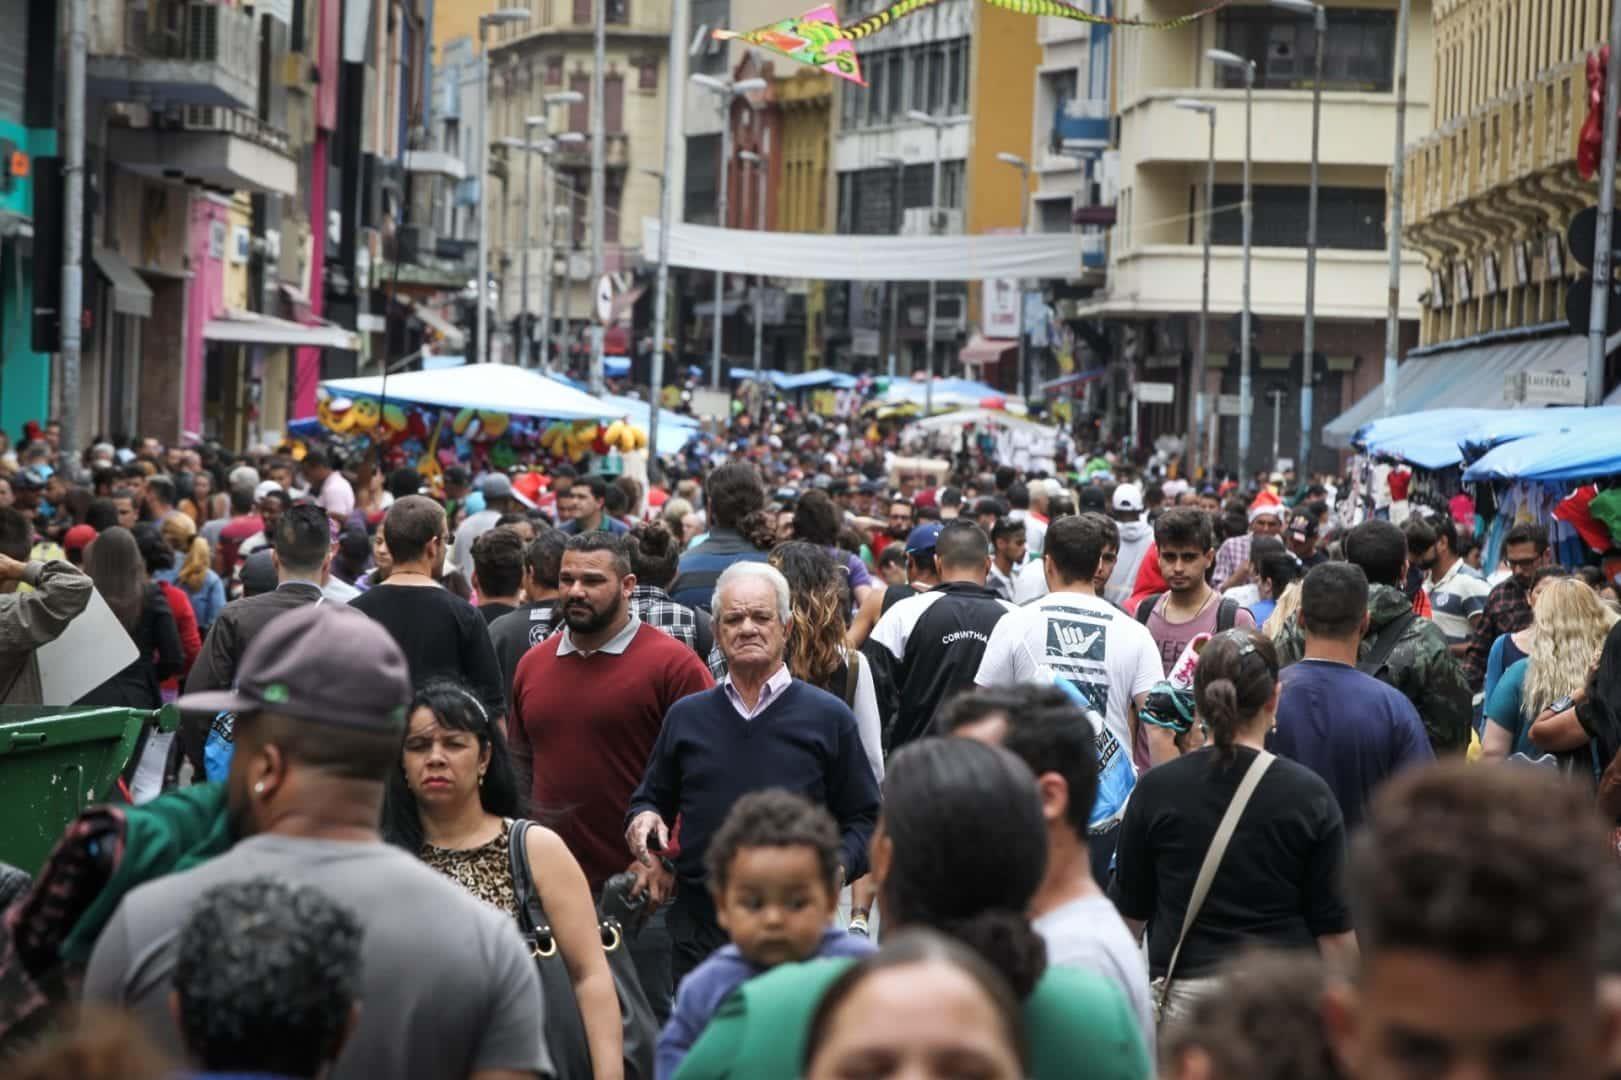 25 de março - A história dessa rua que virou centro de compras